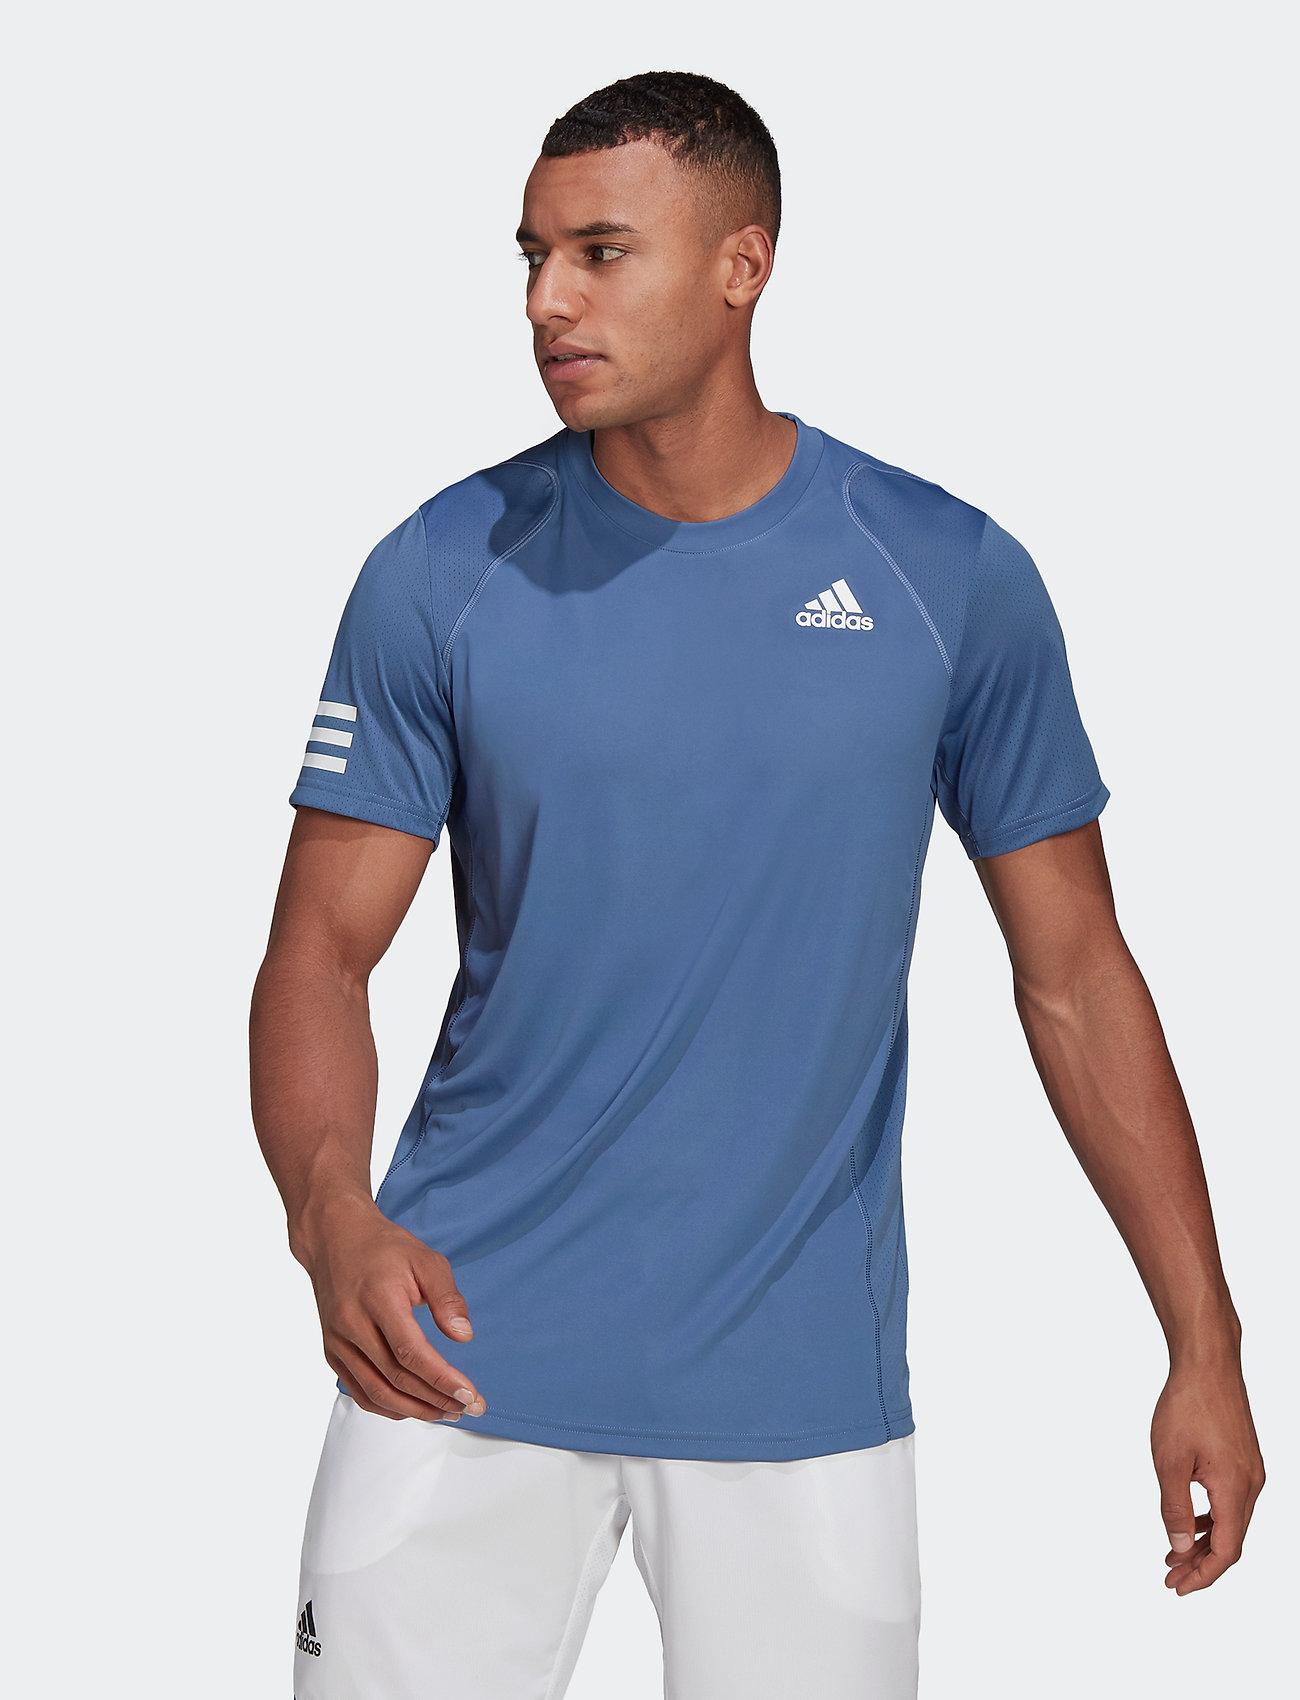 adidas Performance - CLUB 3-STRIPE T-SHIRT - t-shirts - blue - 0